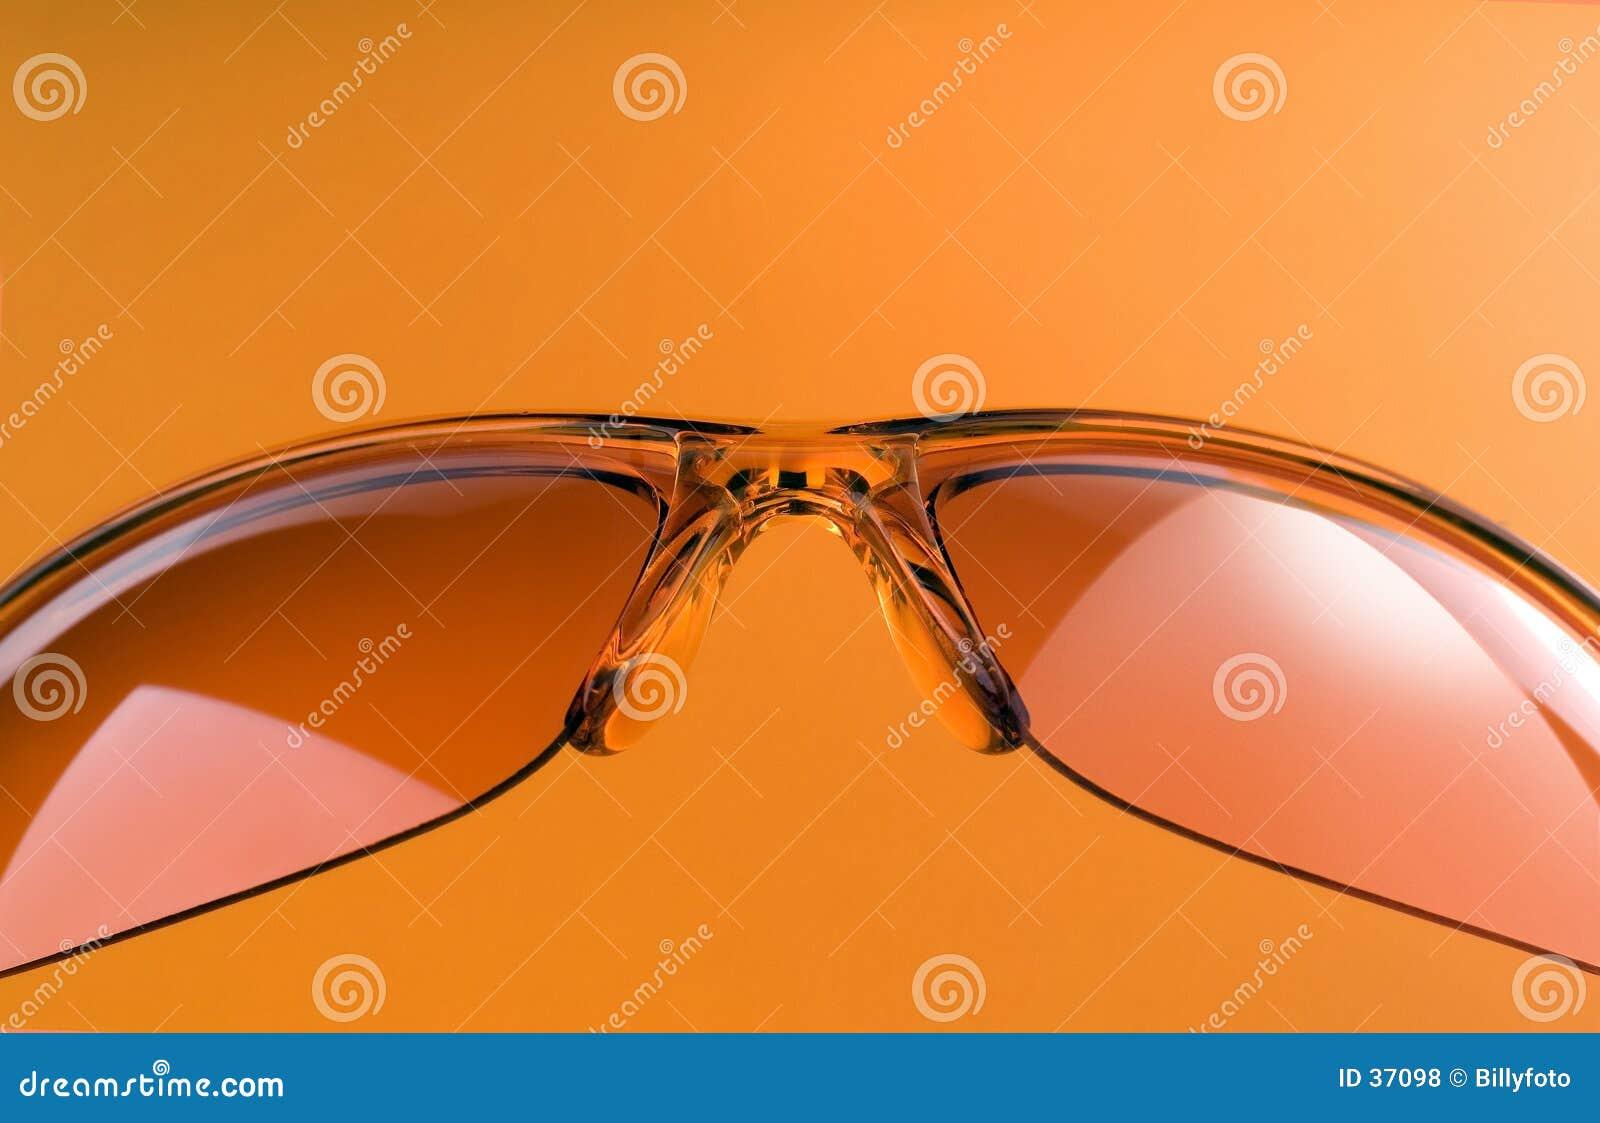 Download Gafas de sol anaranjadas foto de archivo. Imagen de tinte - 37098